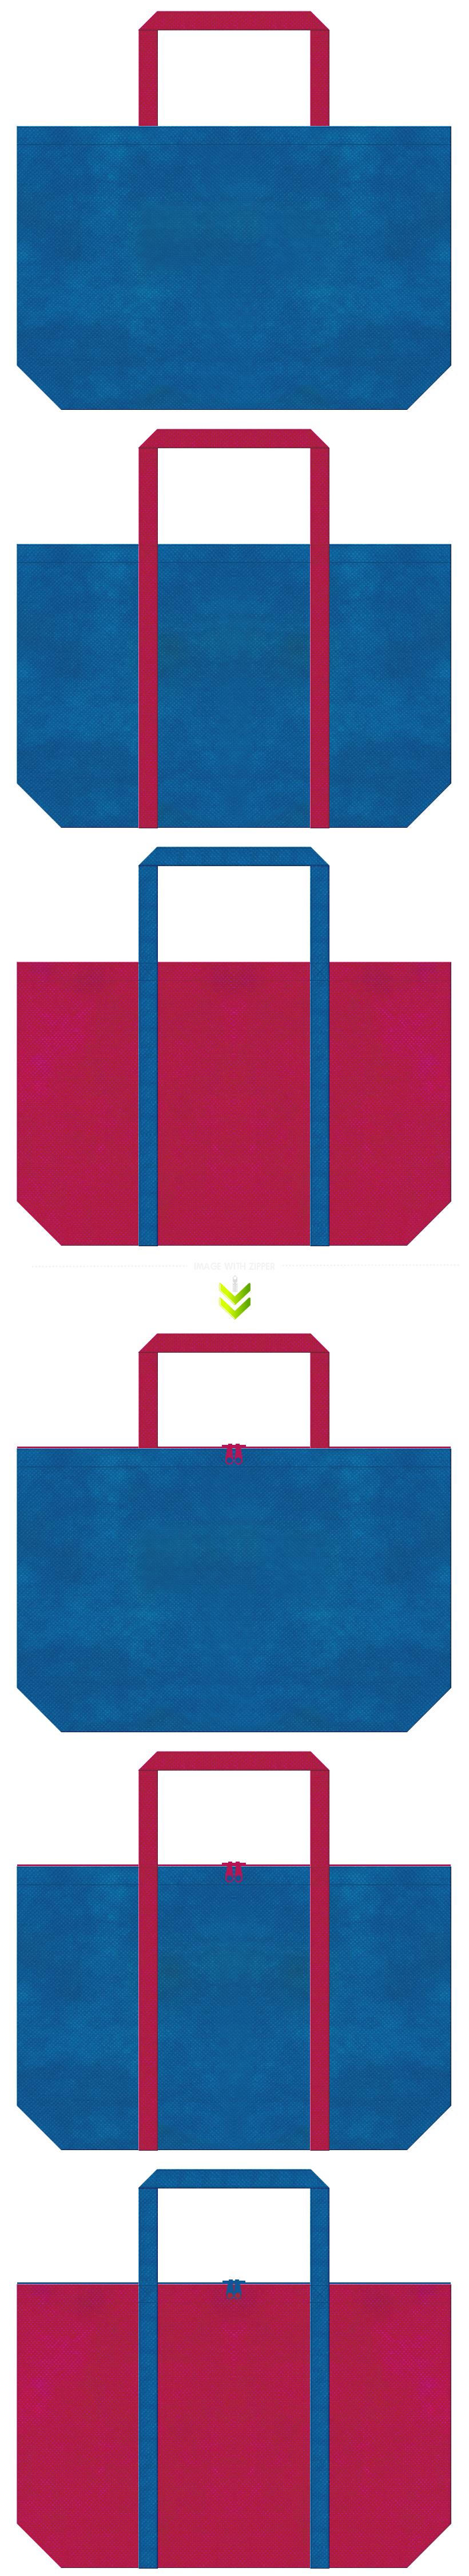 スノーボードのバッグノベルティにお奨めのコーデ。青色と濃いピンク色の不織布バッグデザイン。